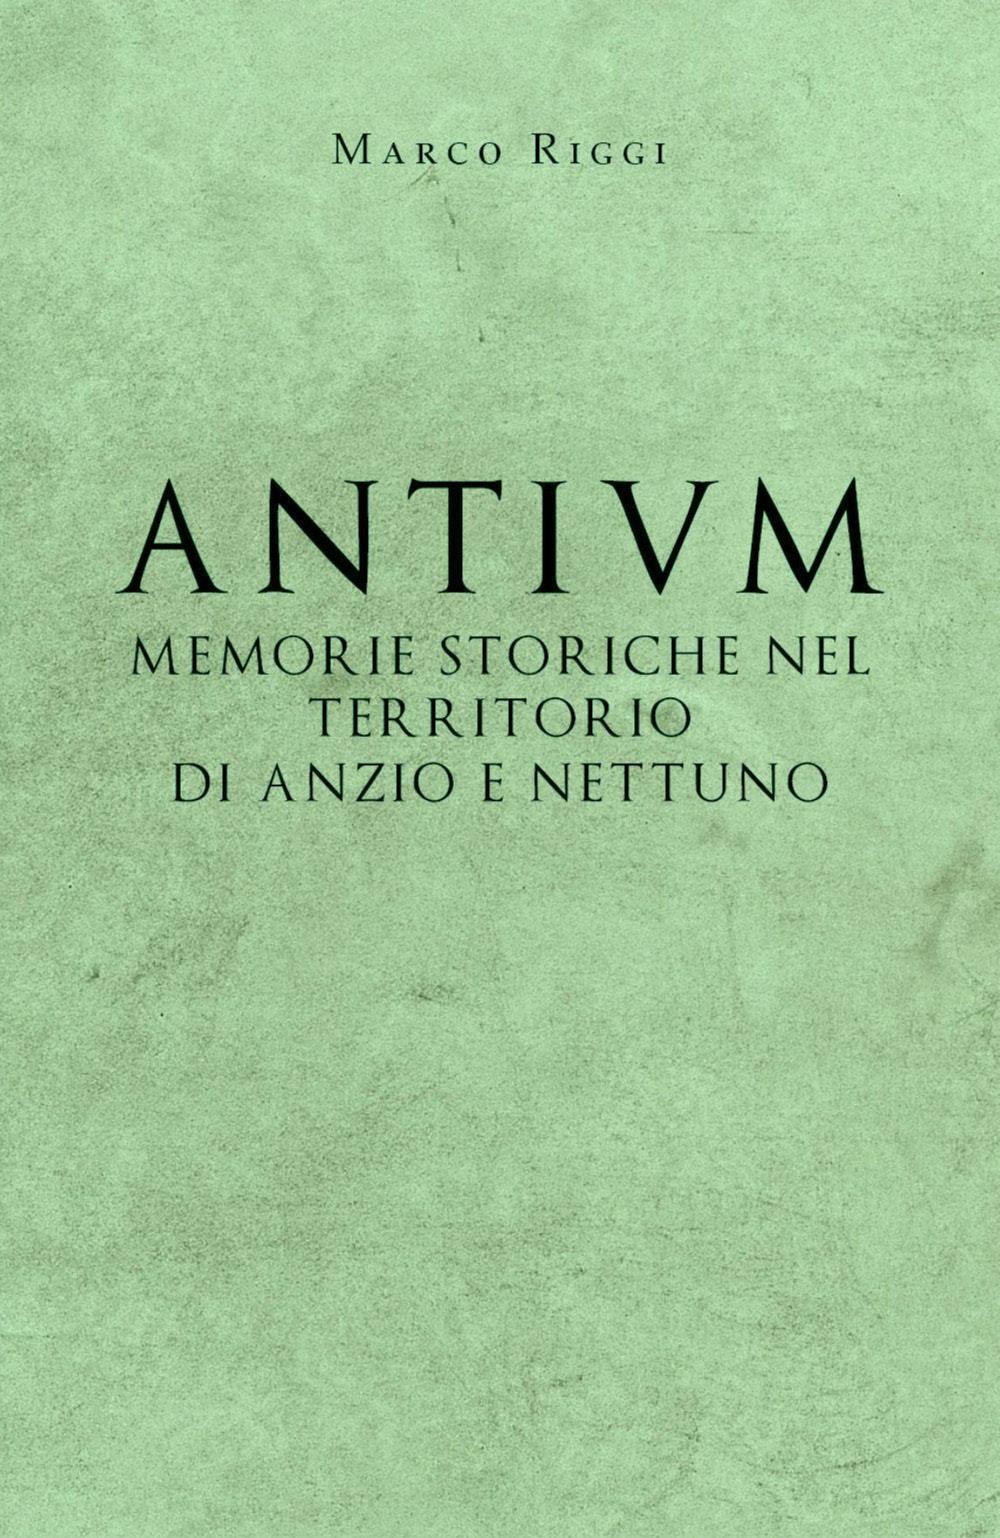 Antium: memorie storiche nel territorio di Anzio e Nettuno